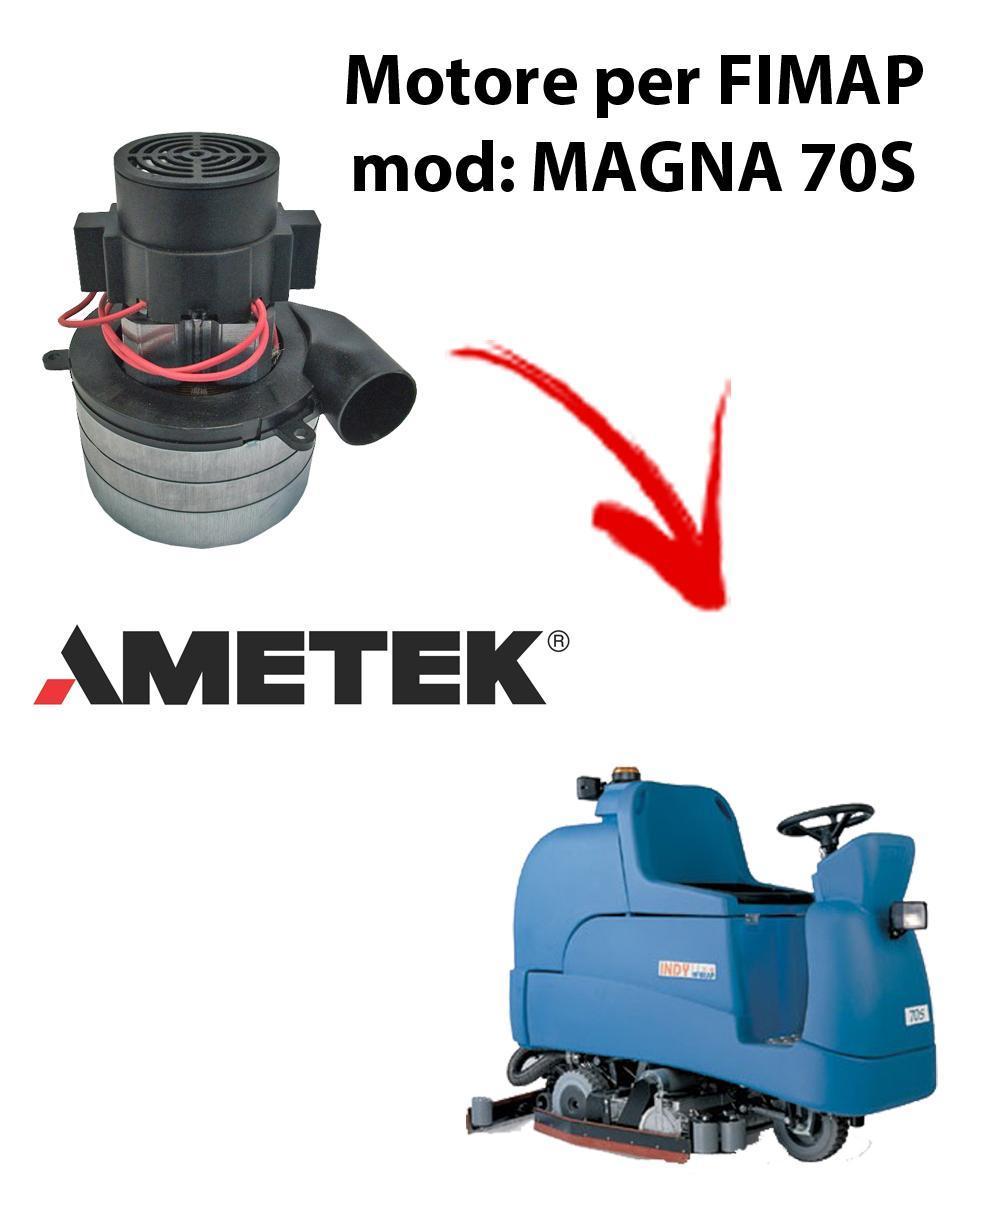 MAGNA 70S  Motore de aspiración Ametek Italia  para fregadora Fimap